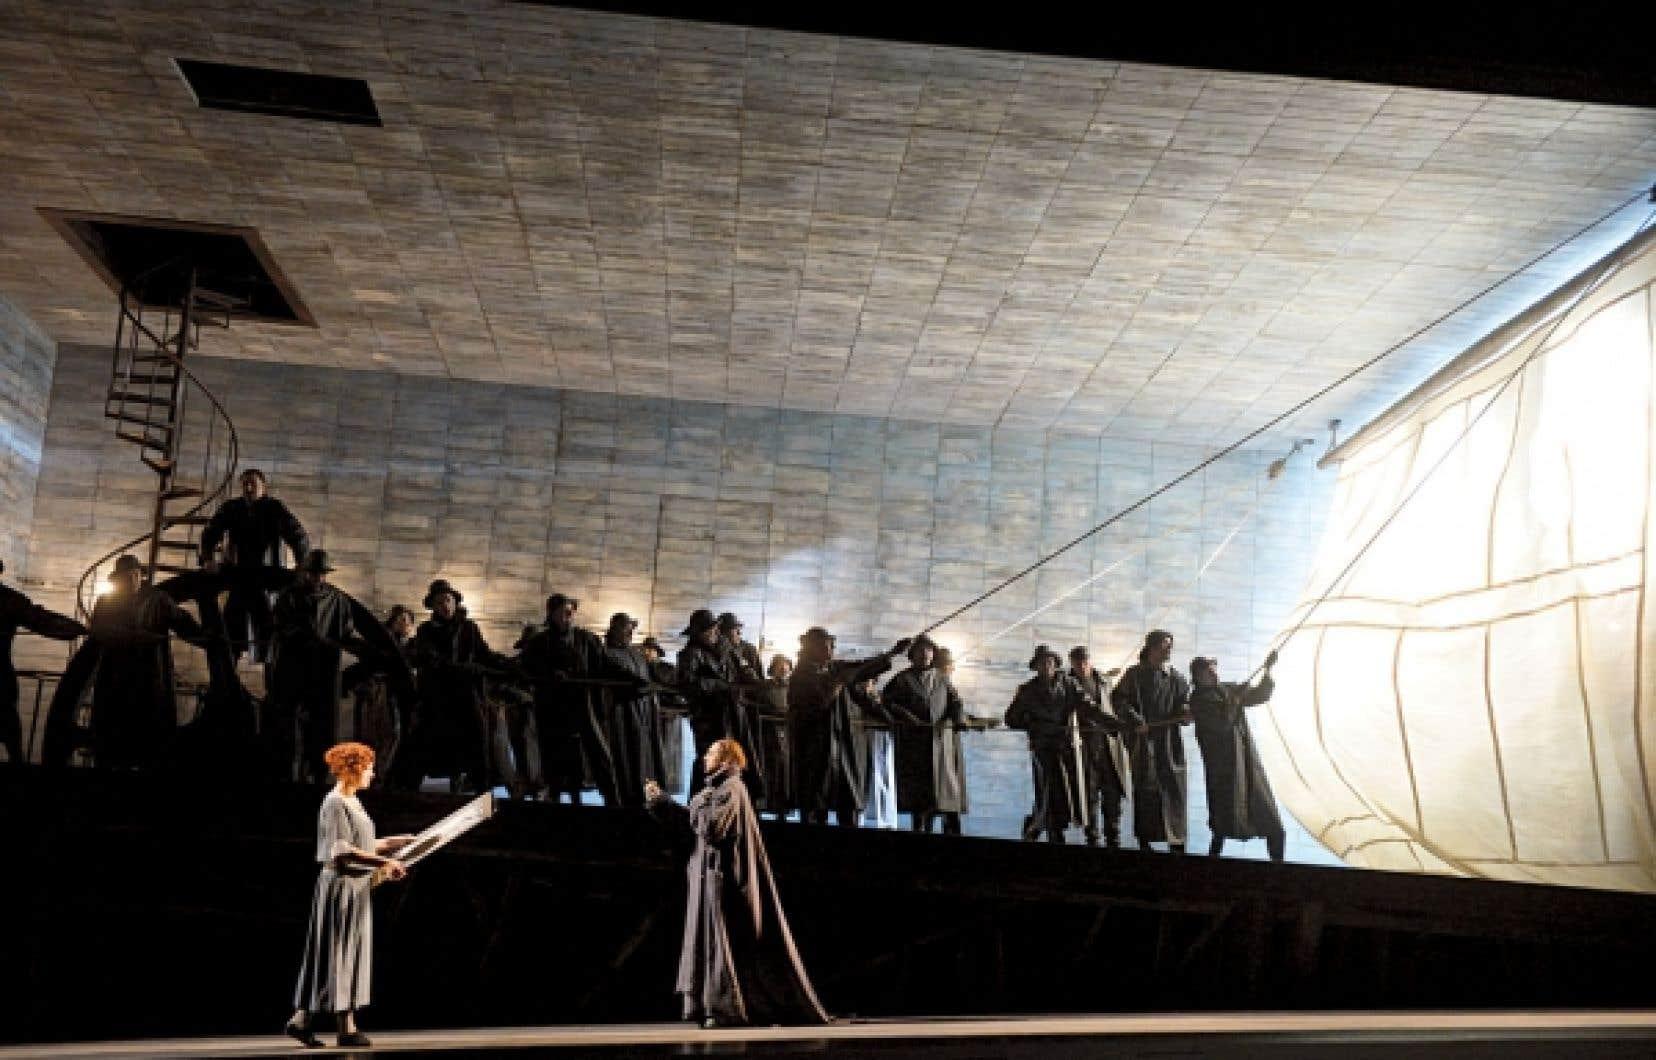 Le sujet du Vaisseau fantôme a été inspiré au compositeur par des périples de sa propre vie, en l'occurrence un voyage Riga-Londres en tant que passager clandestin d'un bateau.